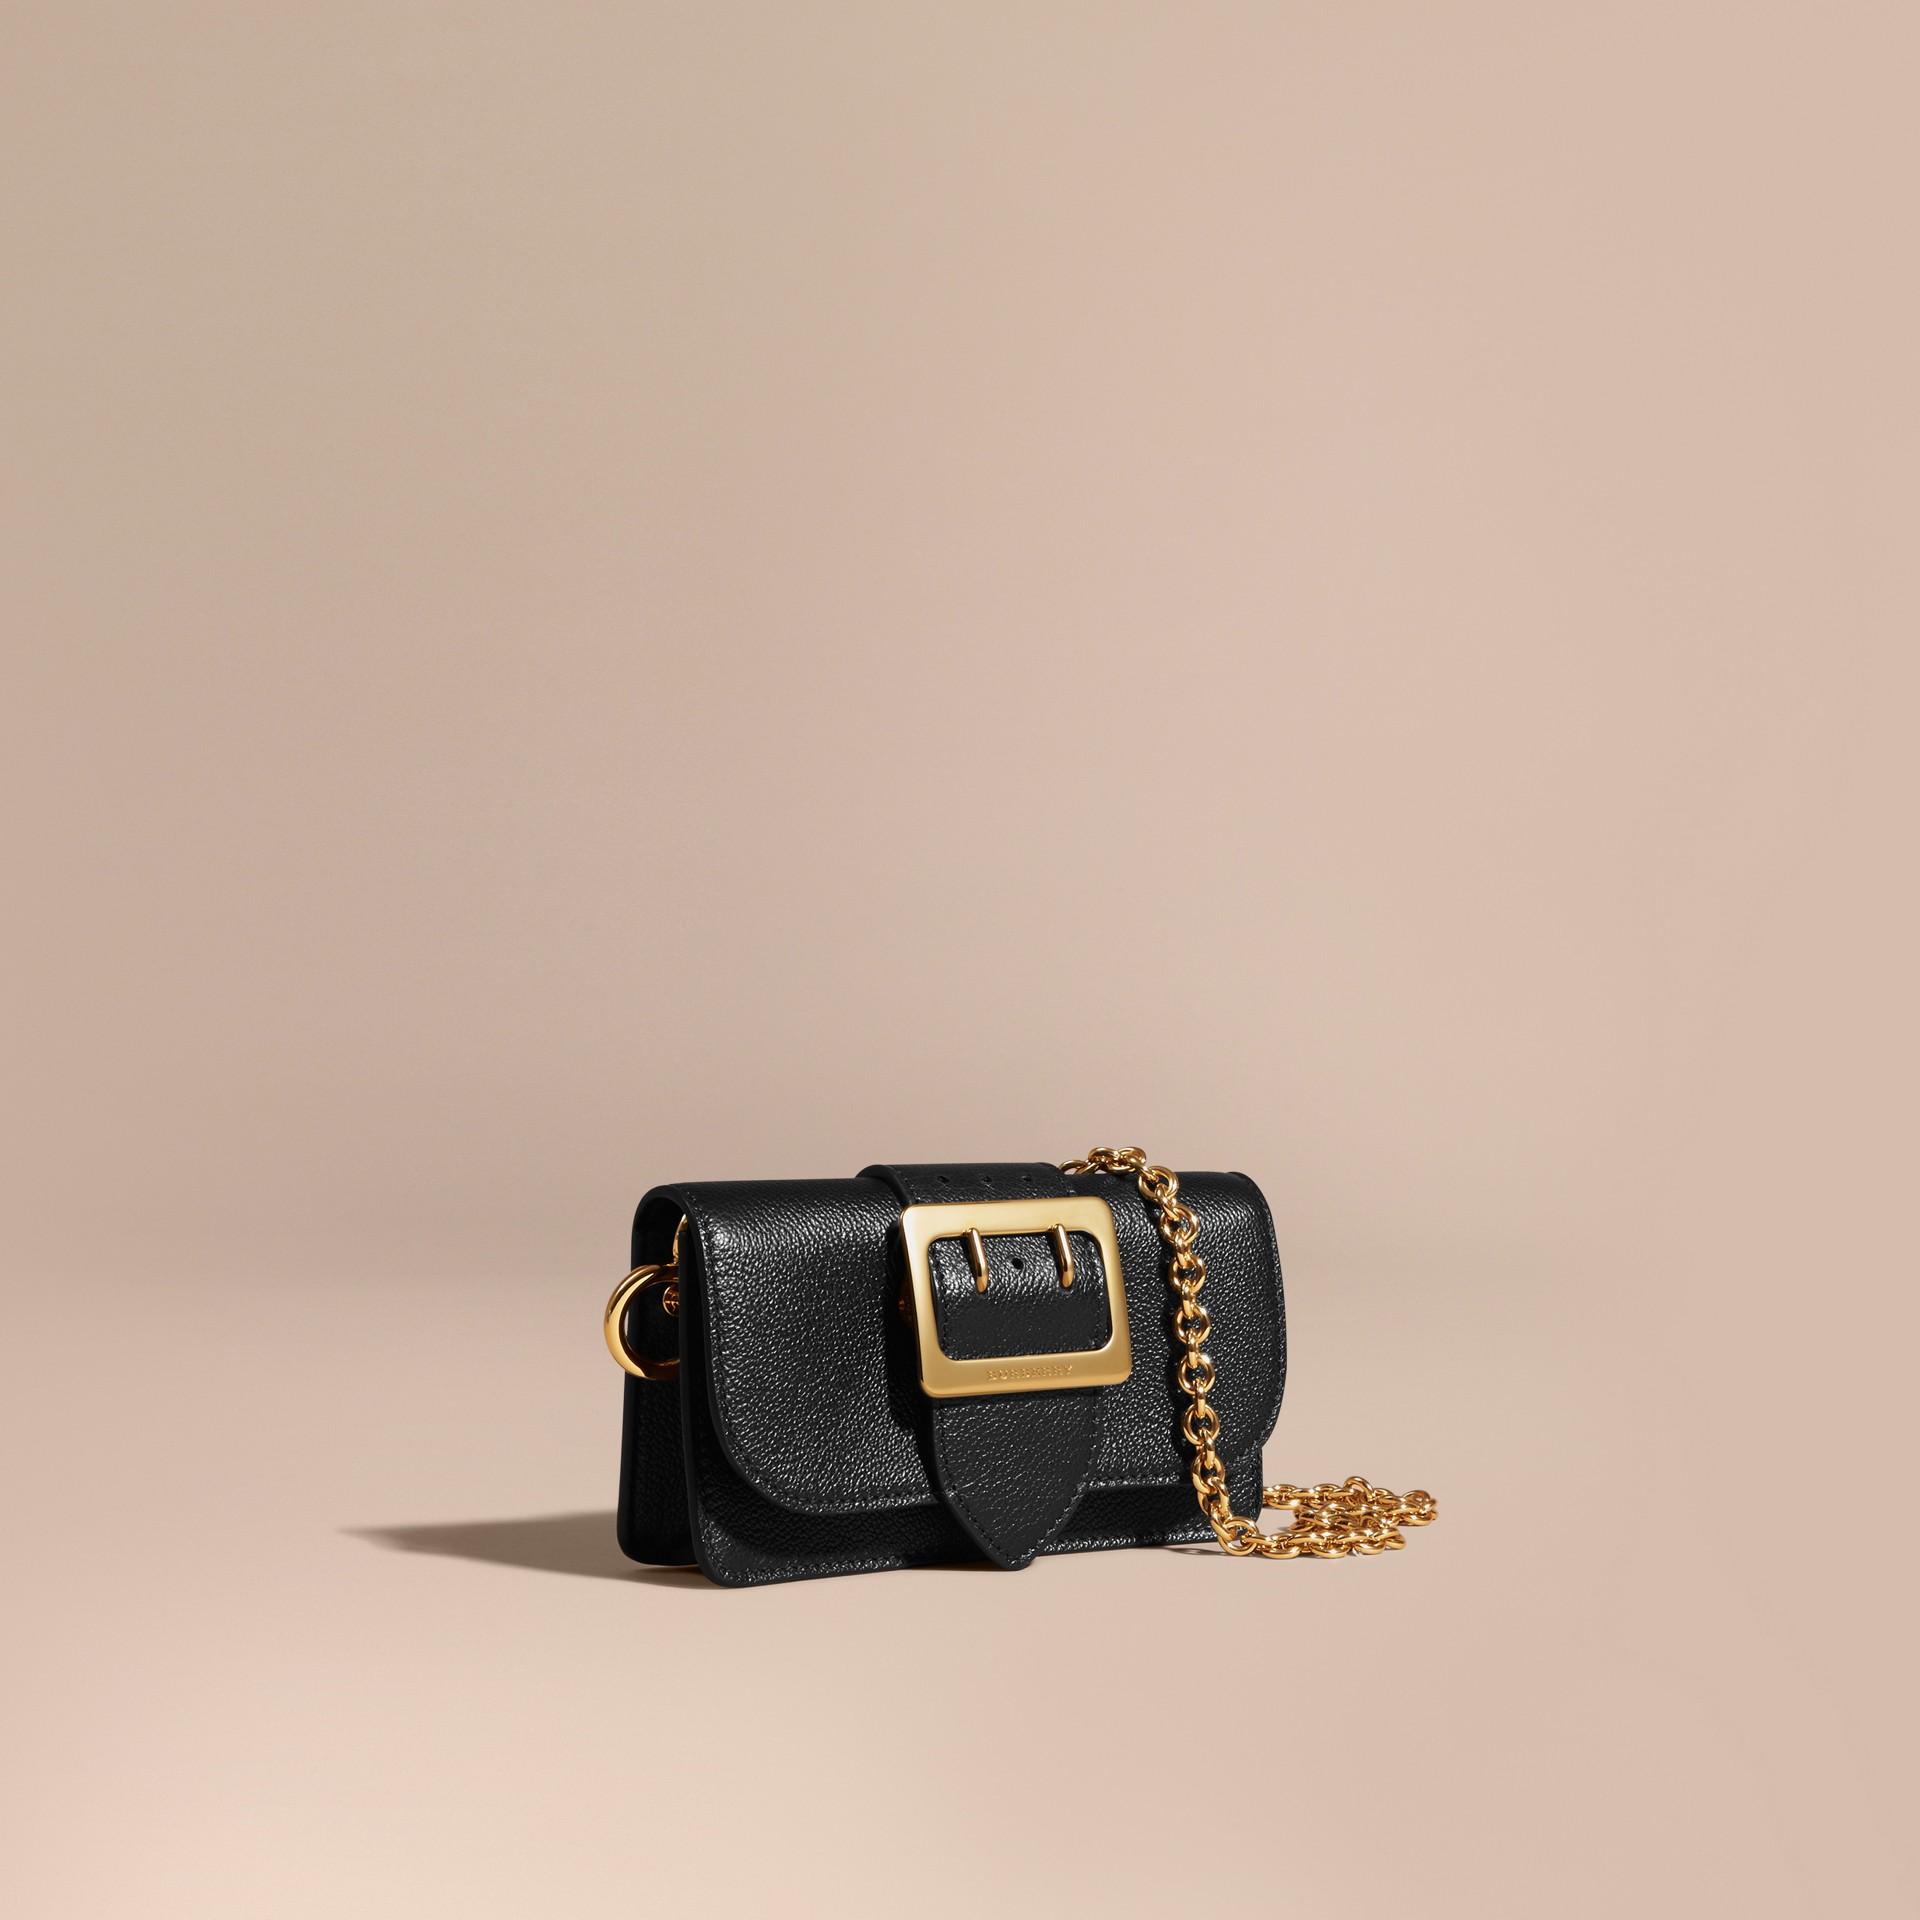 Negro Bolso Buckle mini en piel granulada Negro - imagen de la galería 1